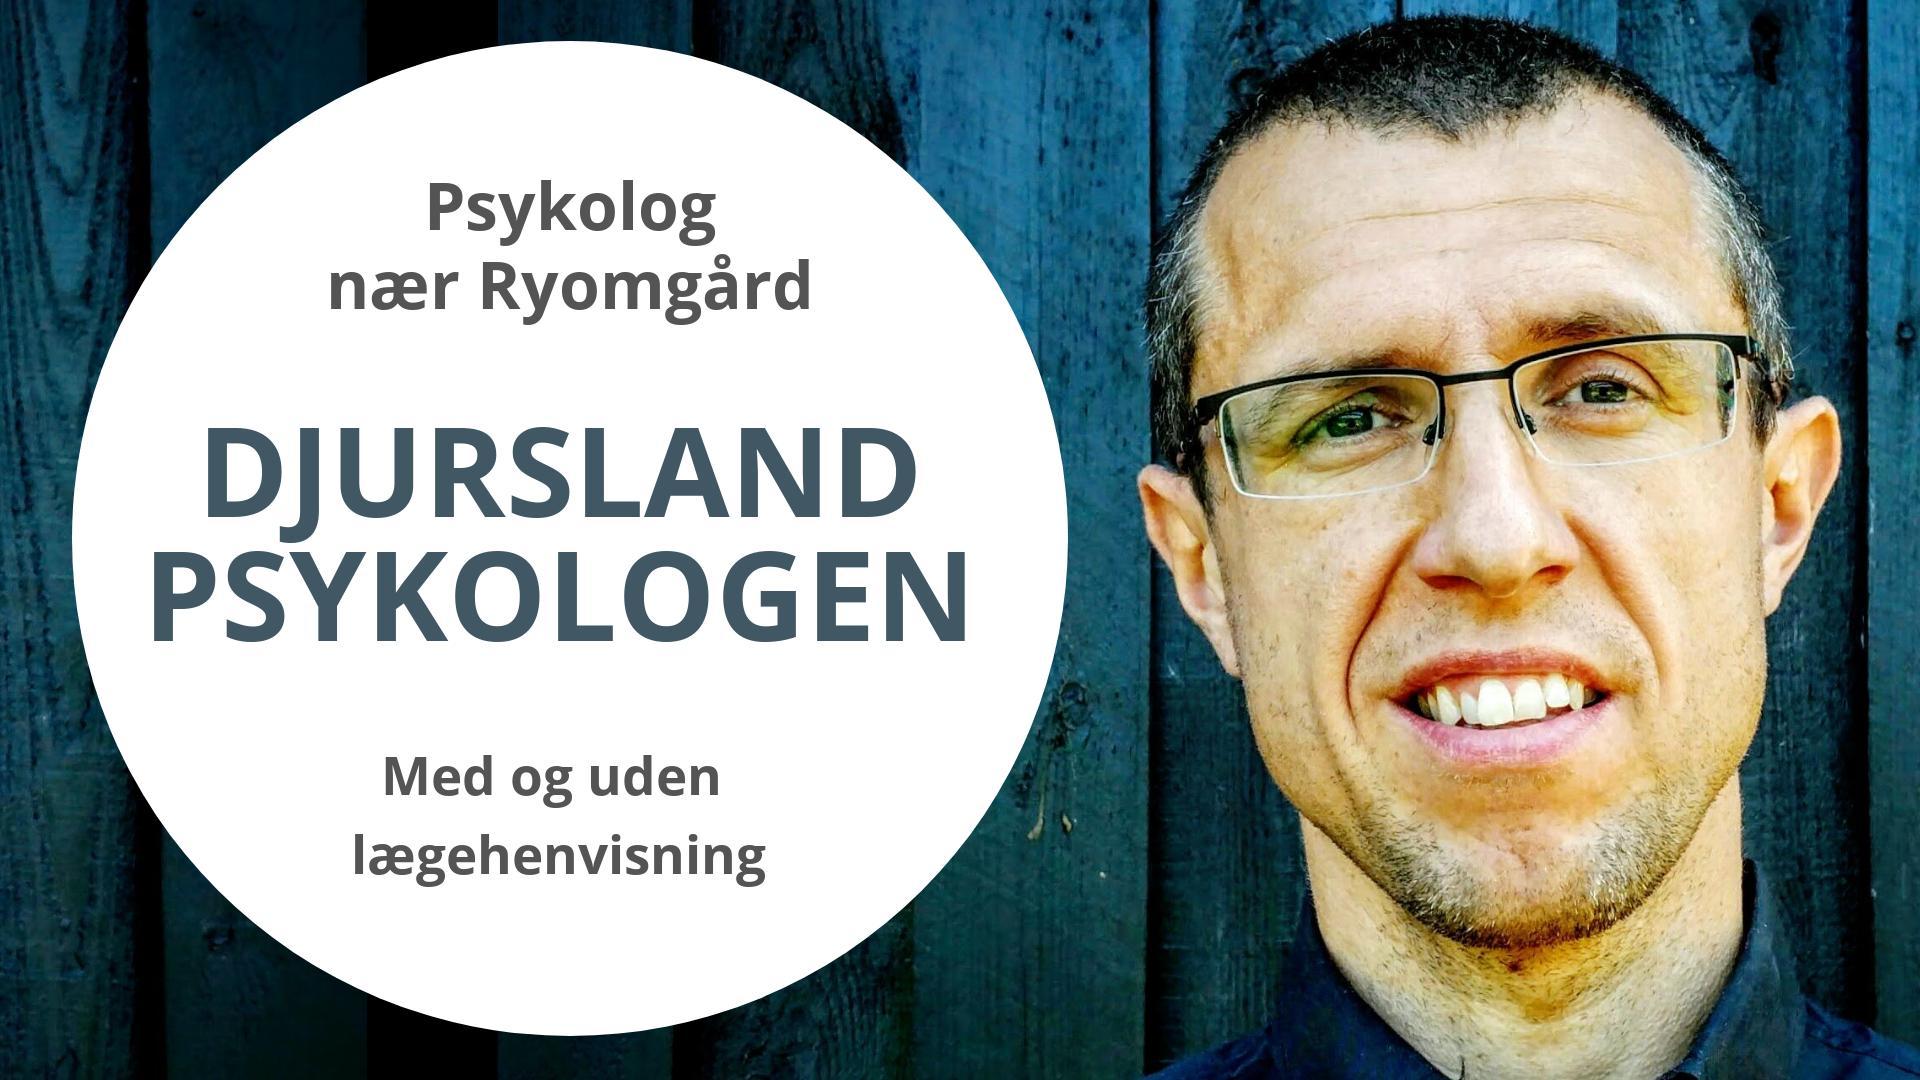 Djursland-psykologen nær Ryomgård